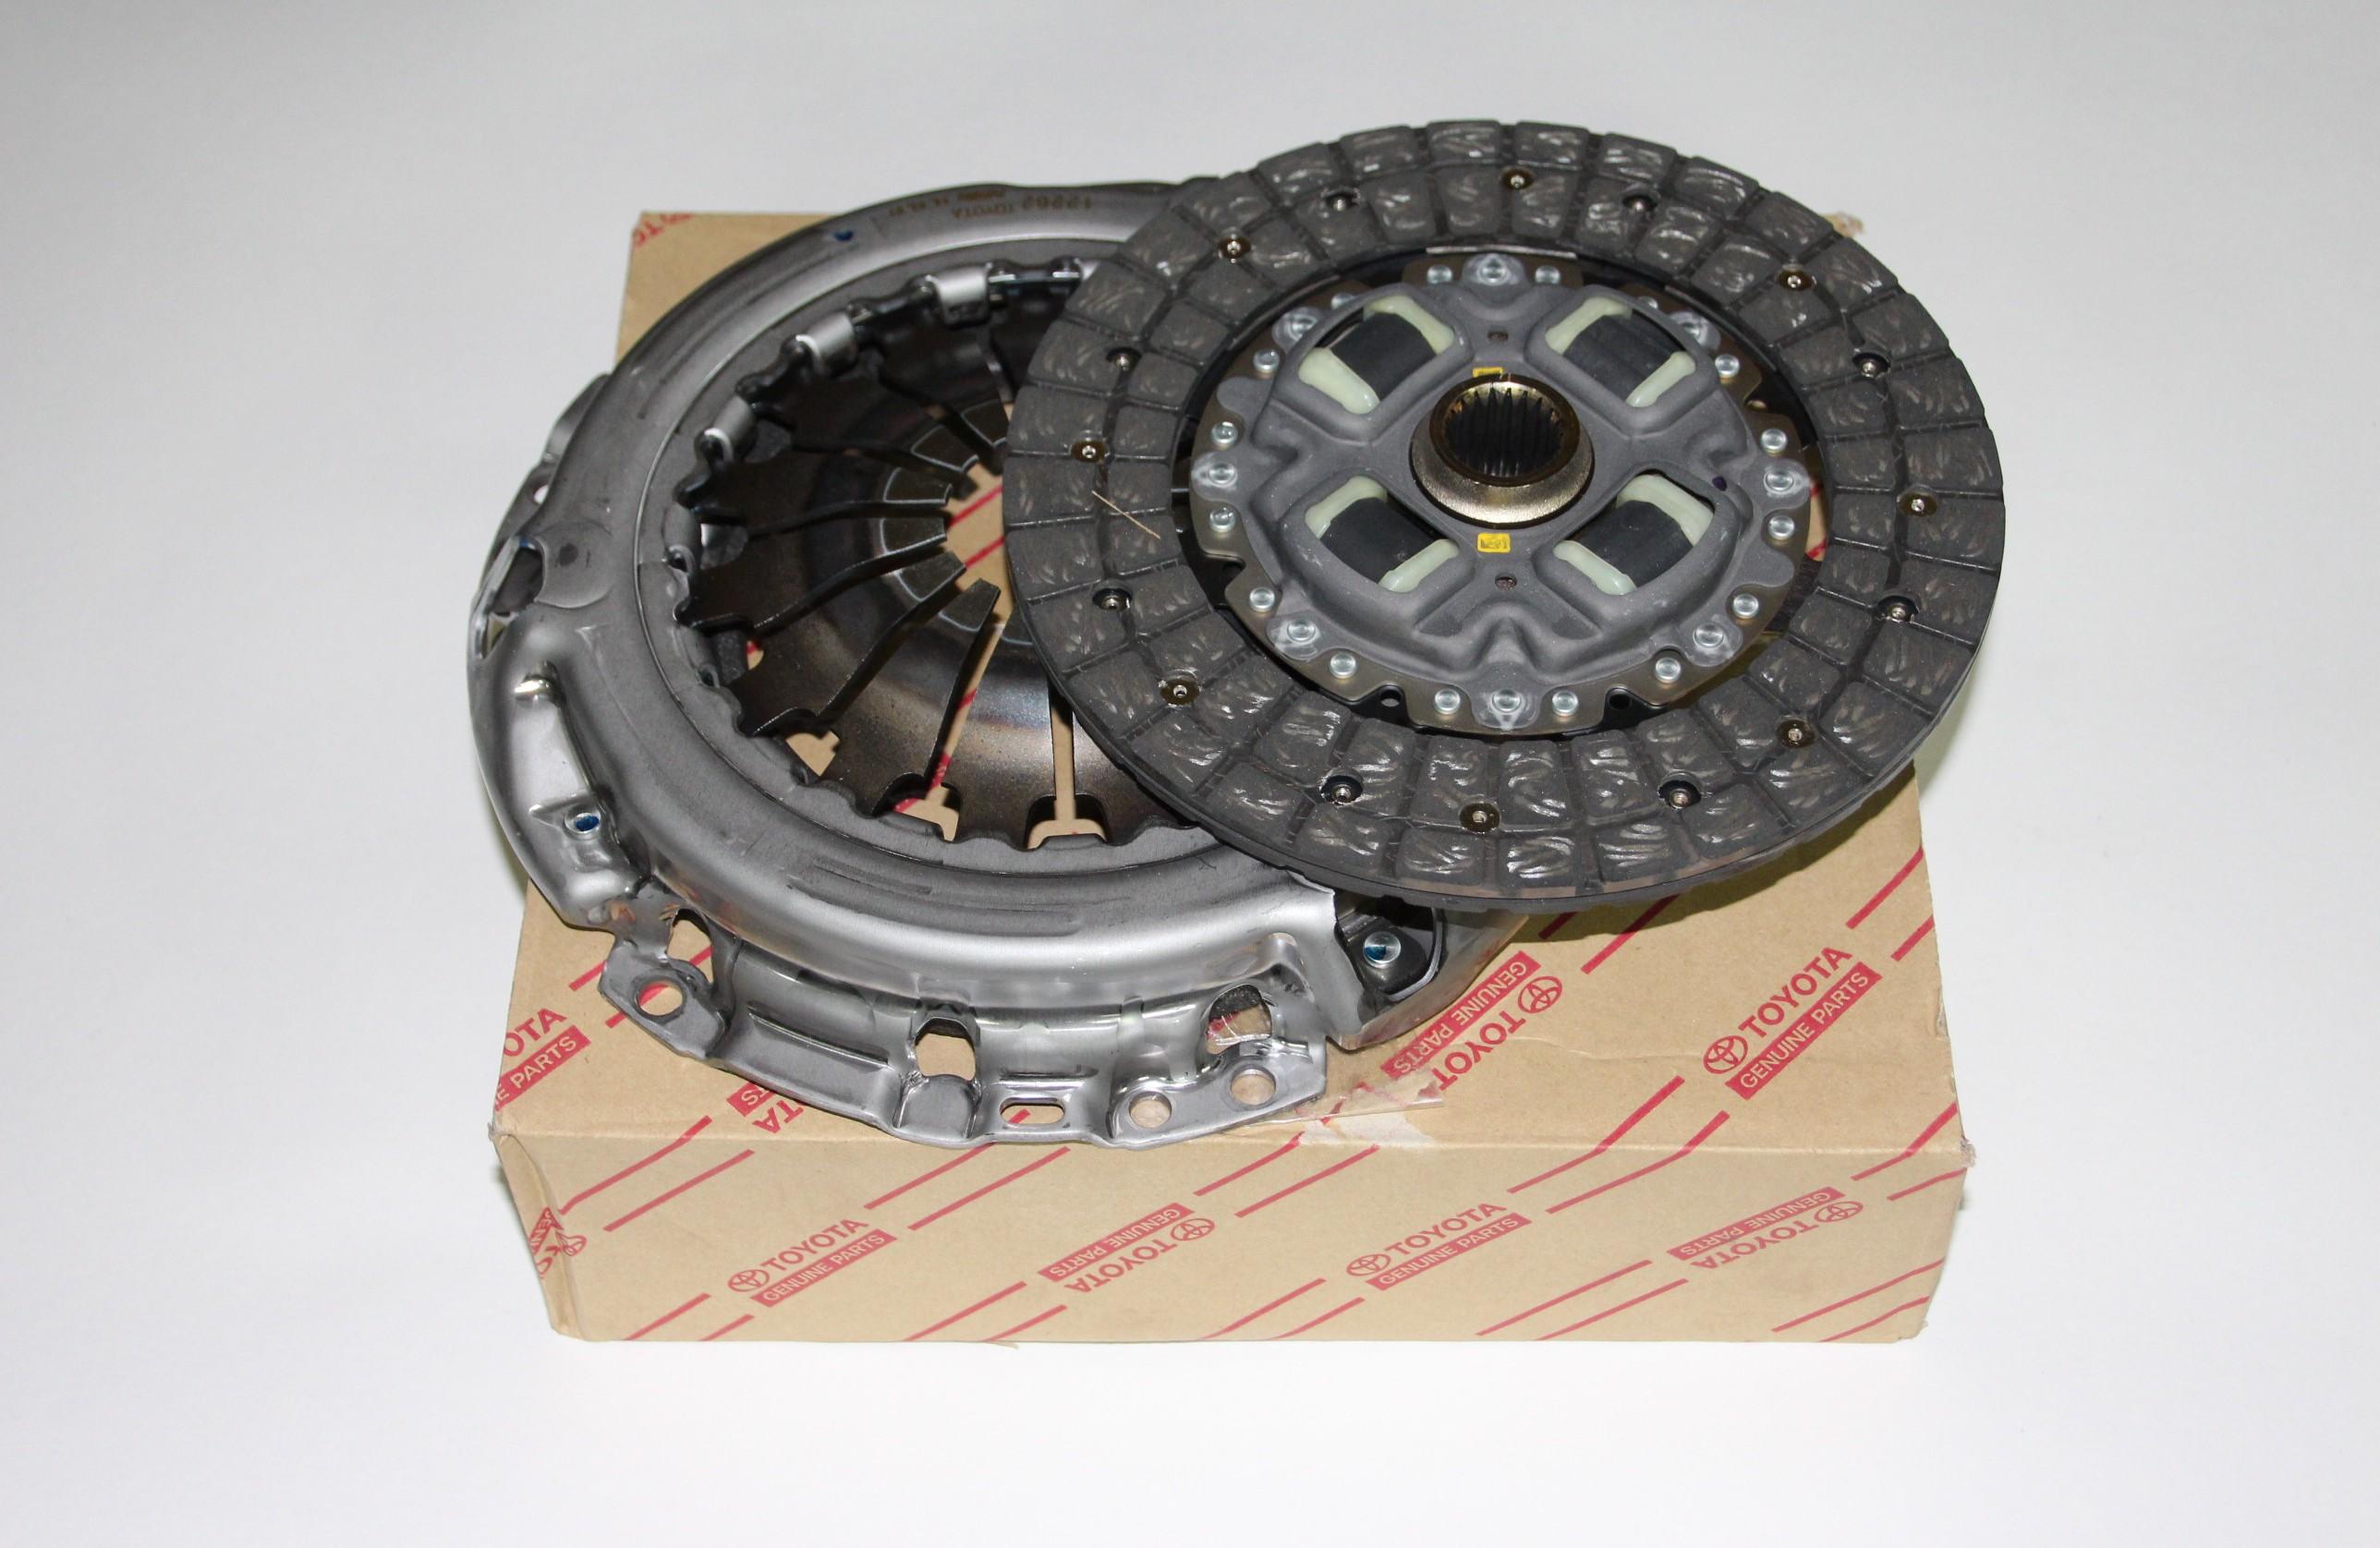 Комплект сцепления Aygo, Peugeot 107, Citroen C1 31250-79055 8500 руб.